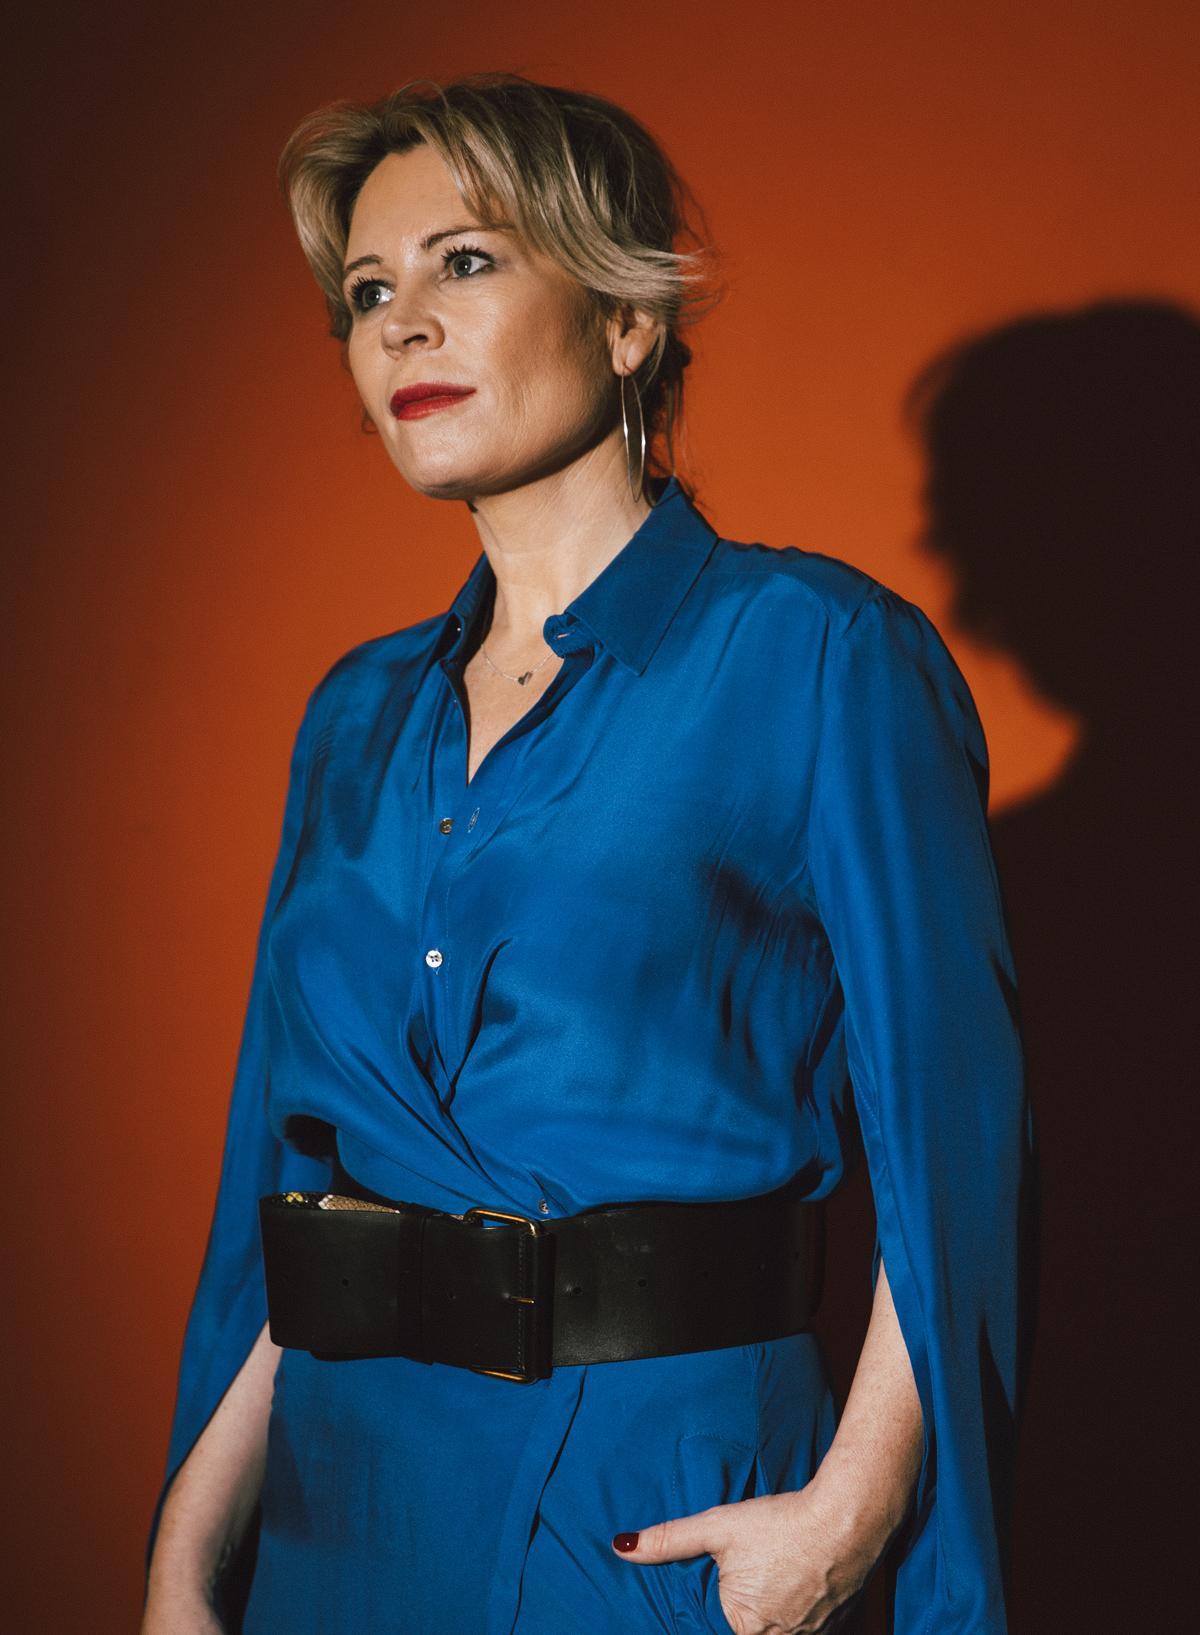 Sofie Van de Velde